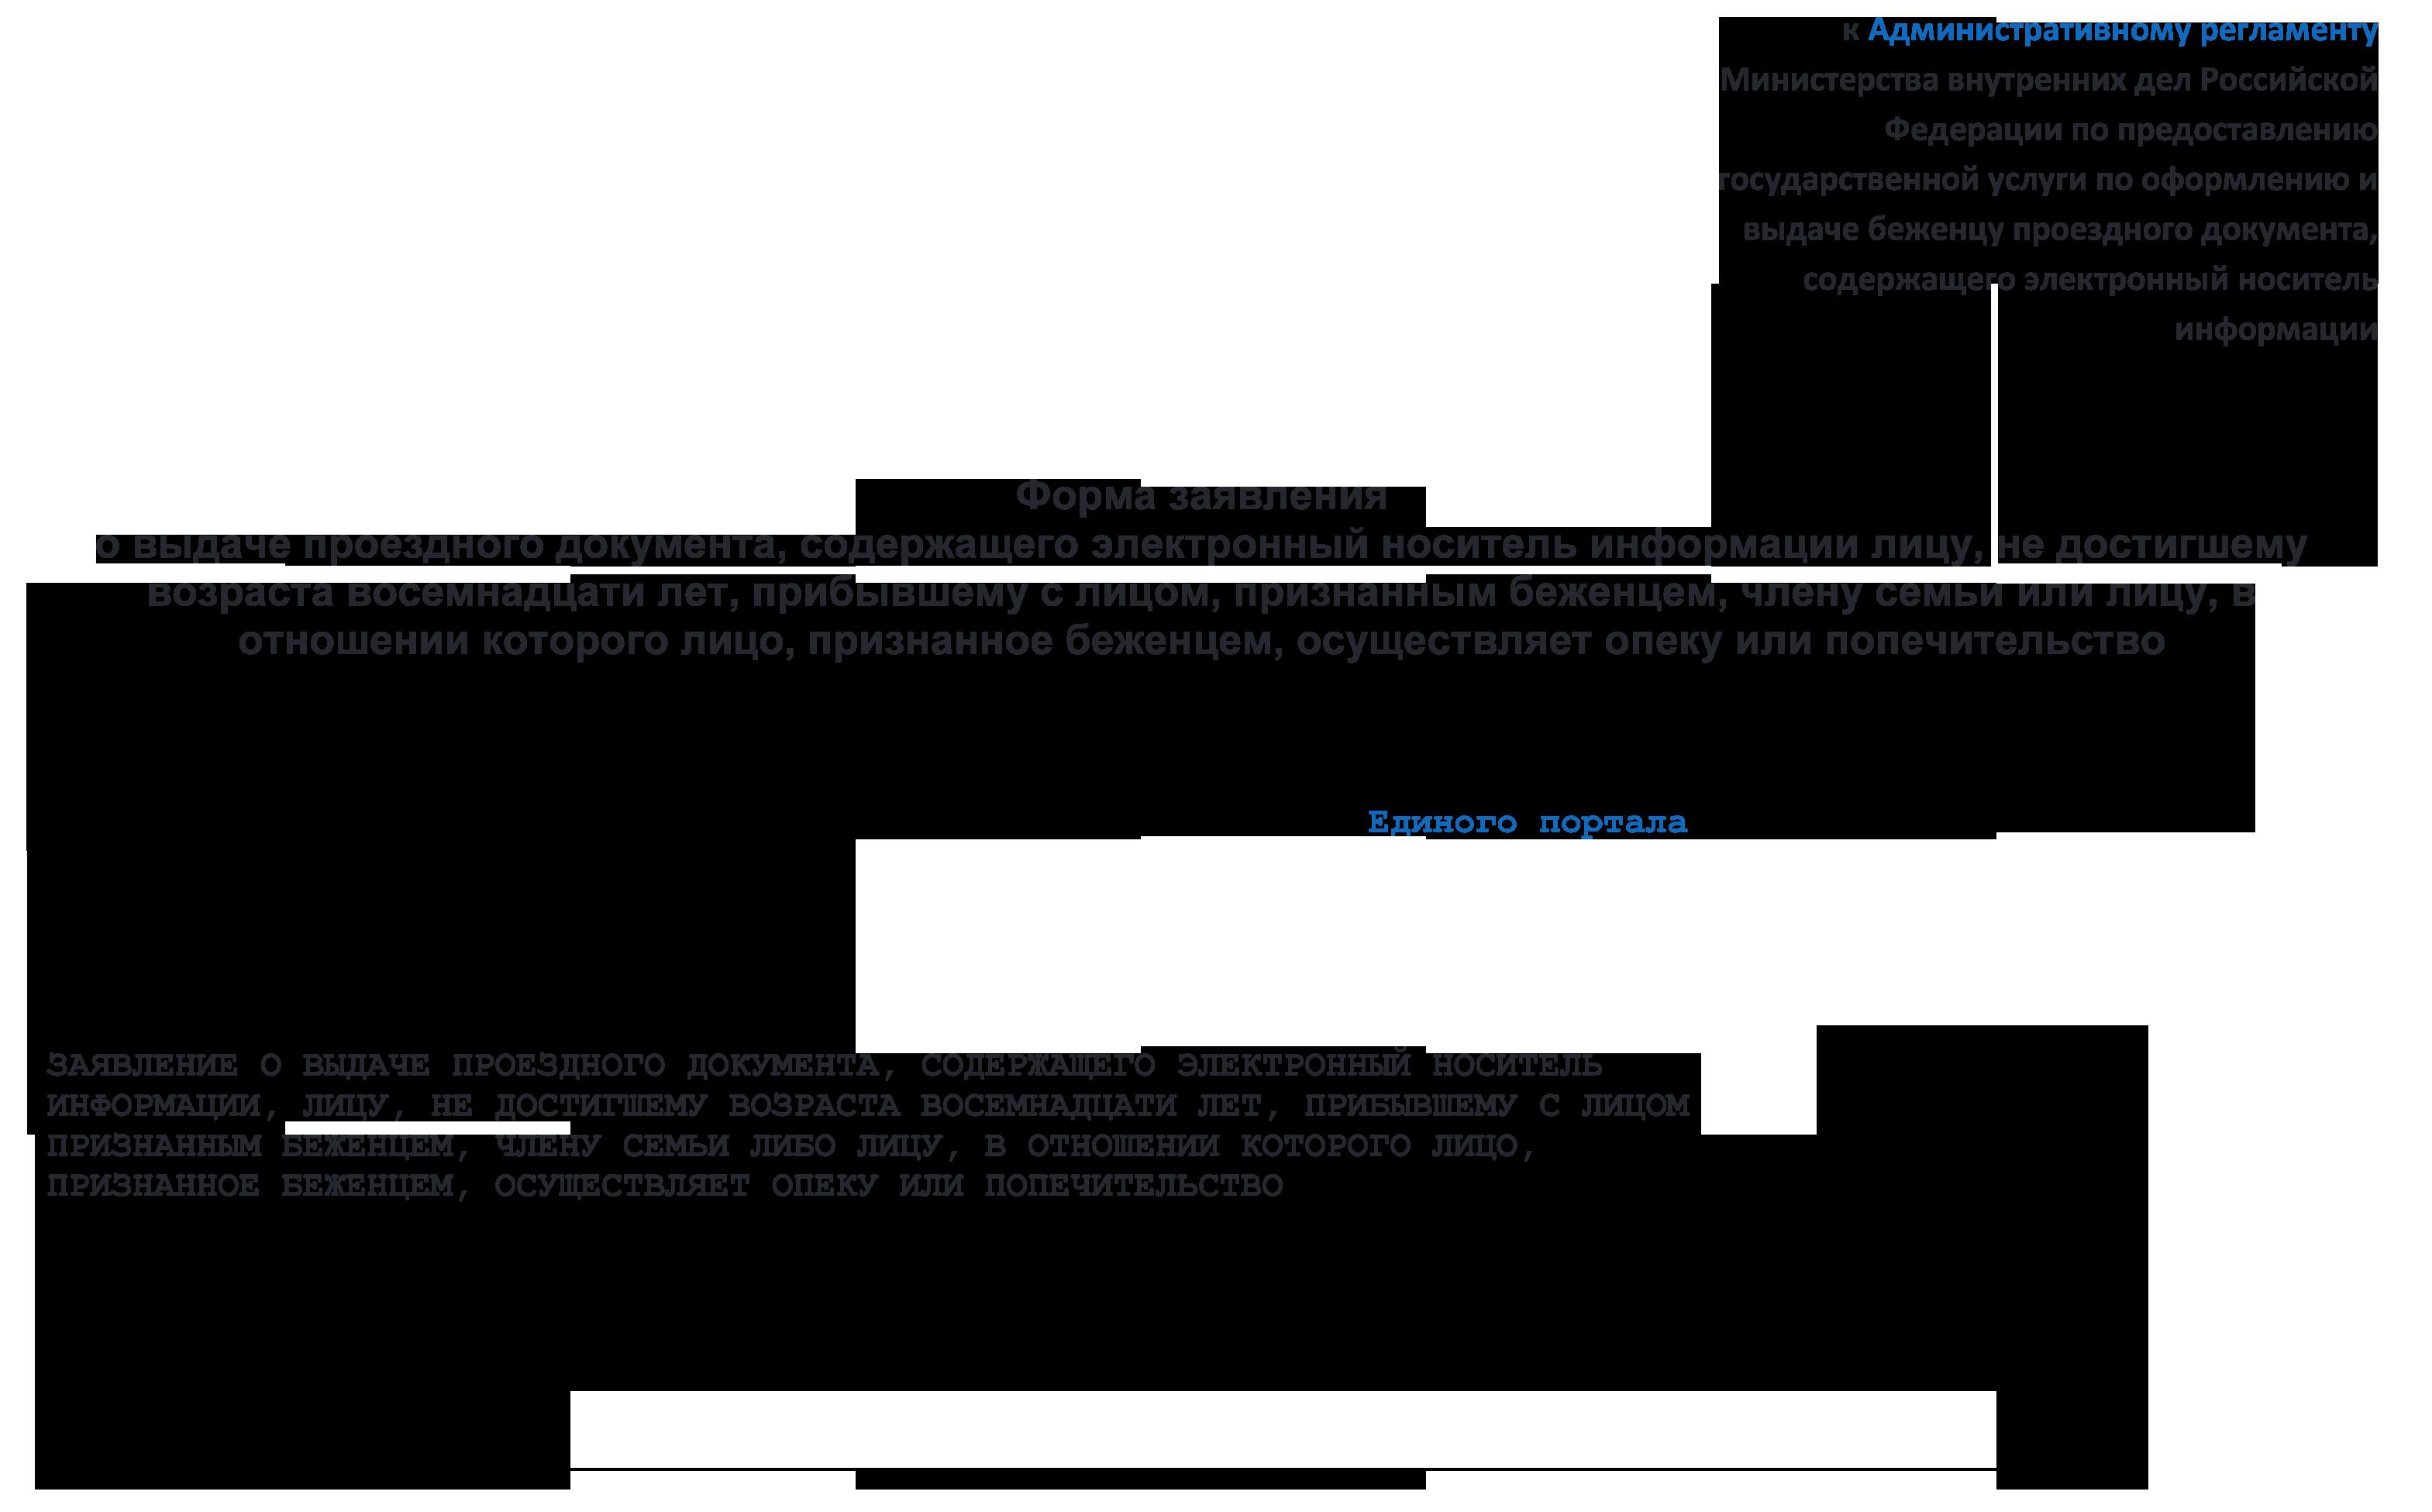 Жалоба в роспотребнадзор - образец, как написать заявление на некачественное оказание услуг